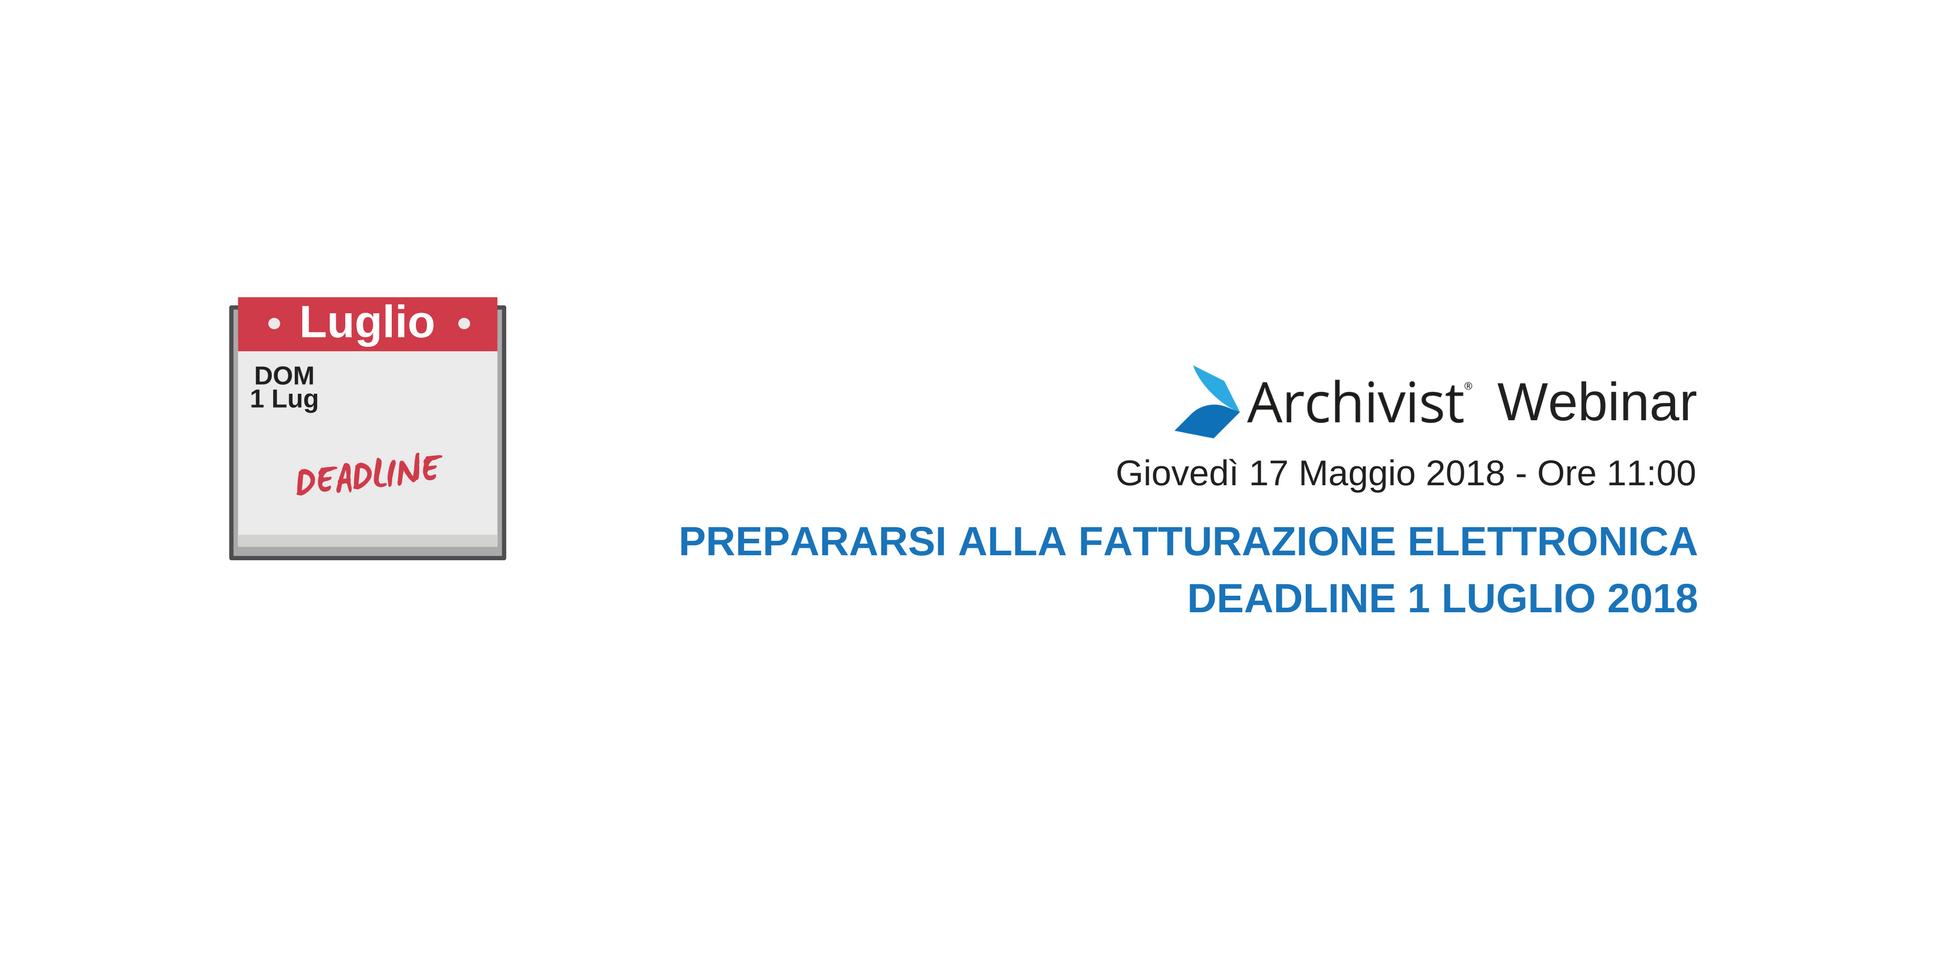 Prepararsi alla fatturazione elettronica: deadline 1 Luglio 2018. - Webinar 17 maggio 2018